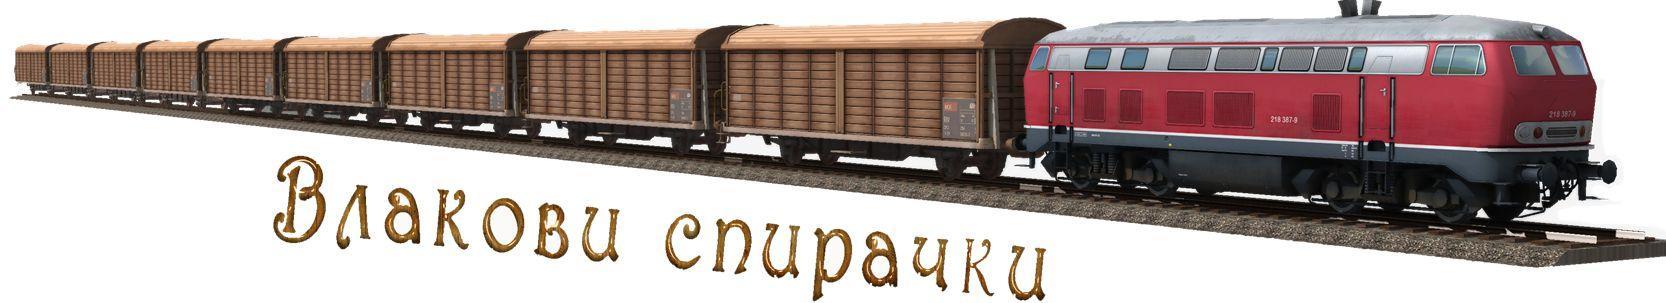 Влакови спирачки